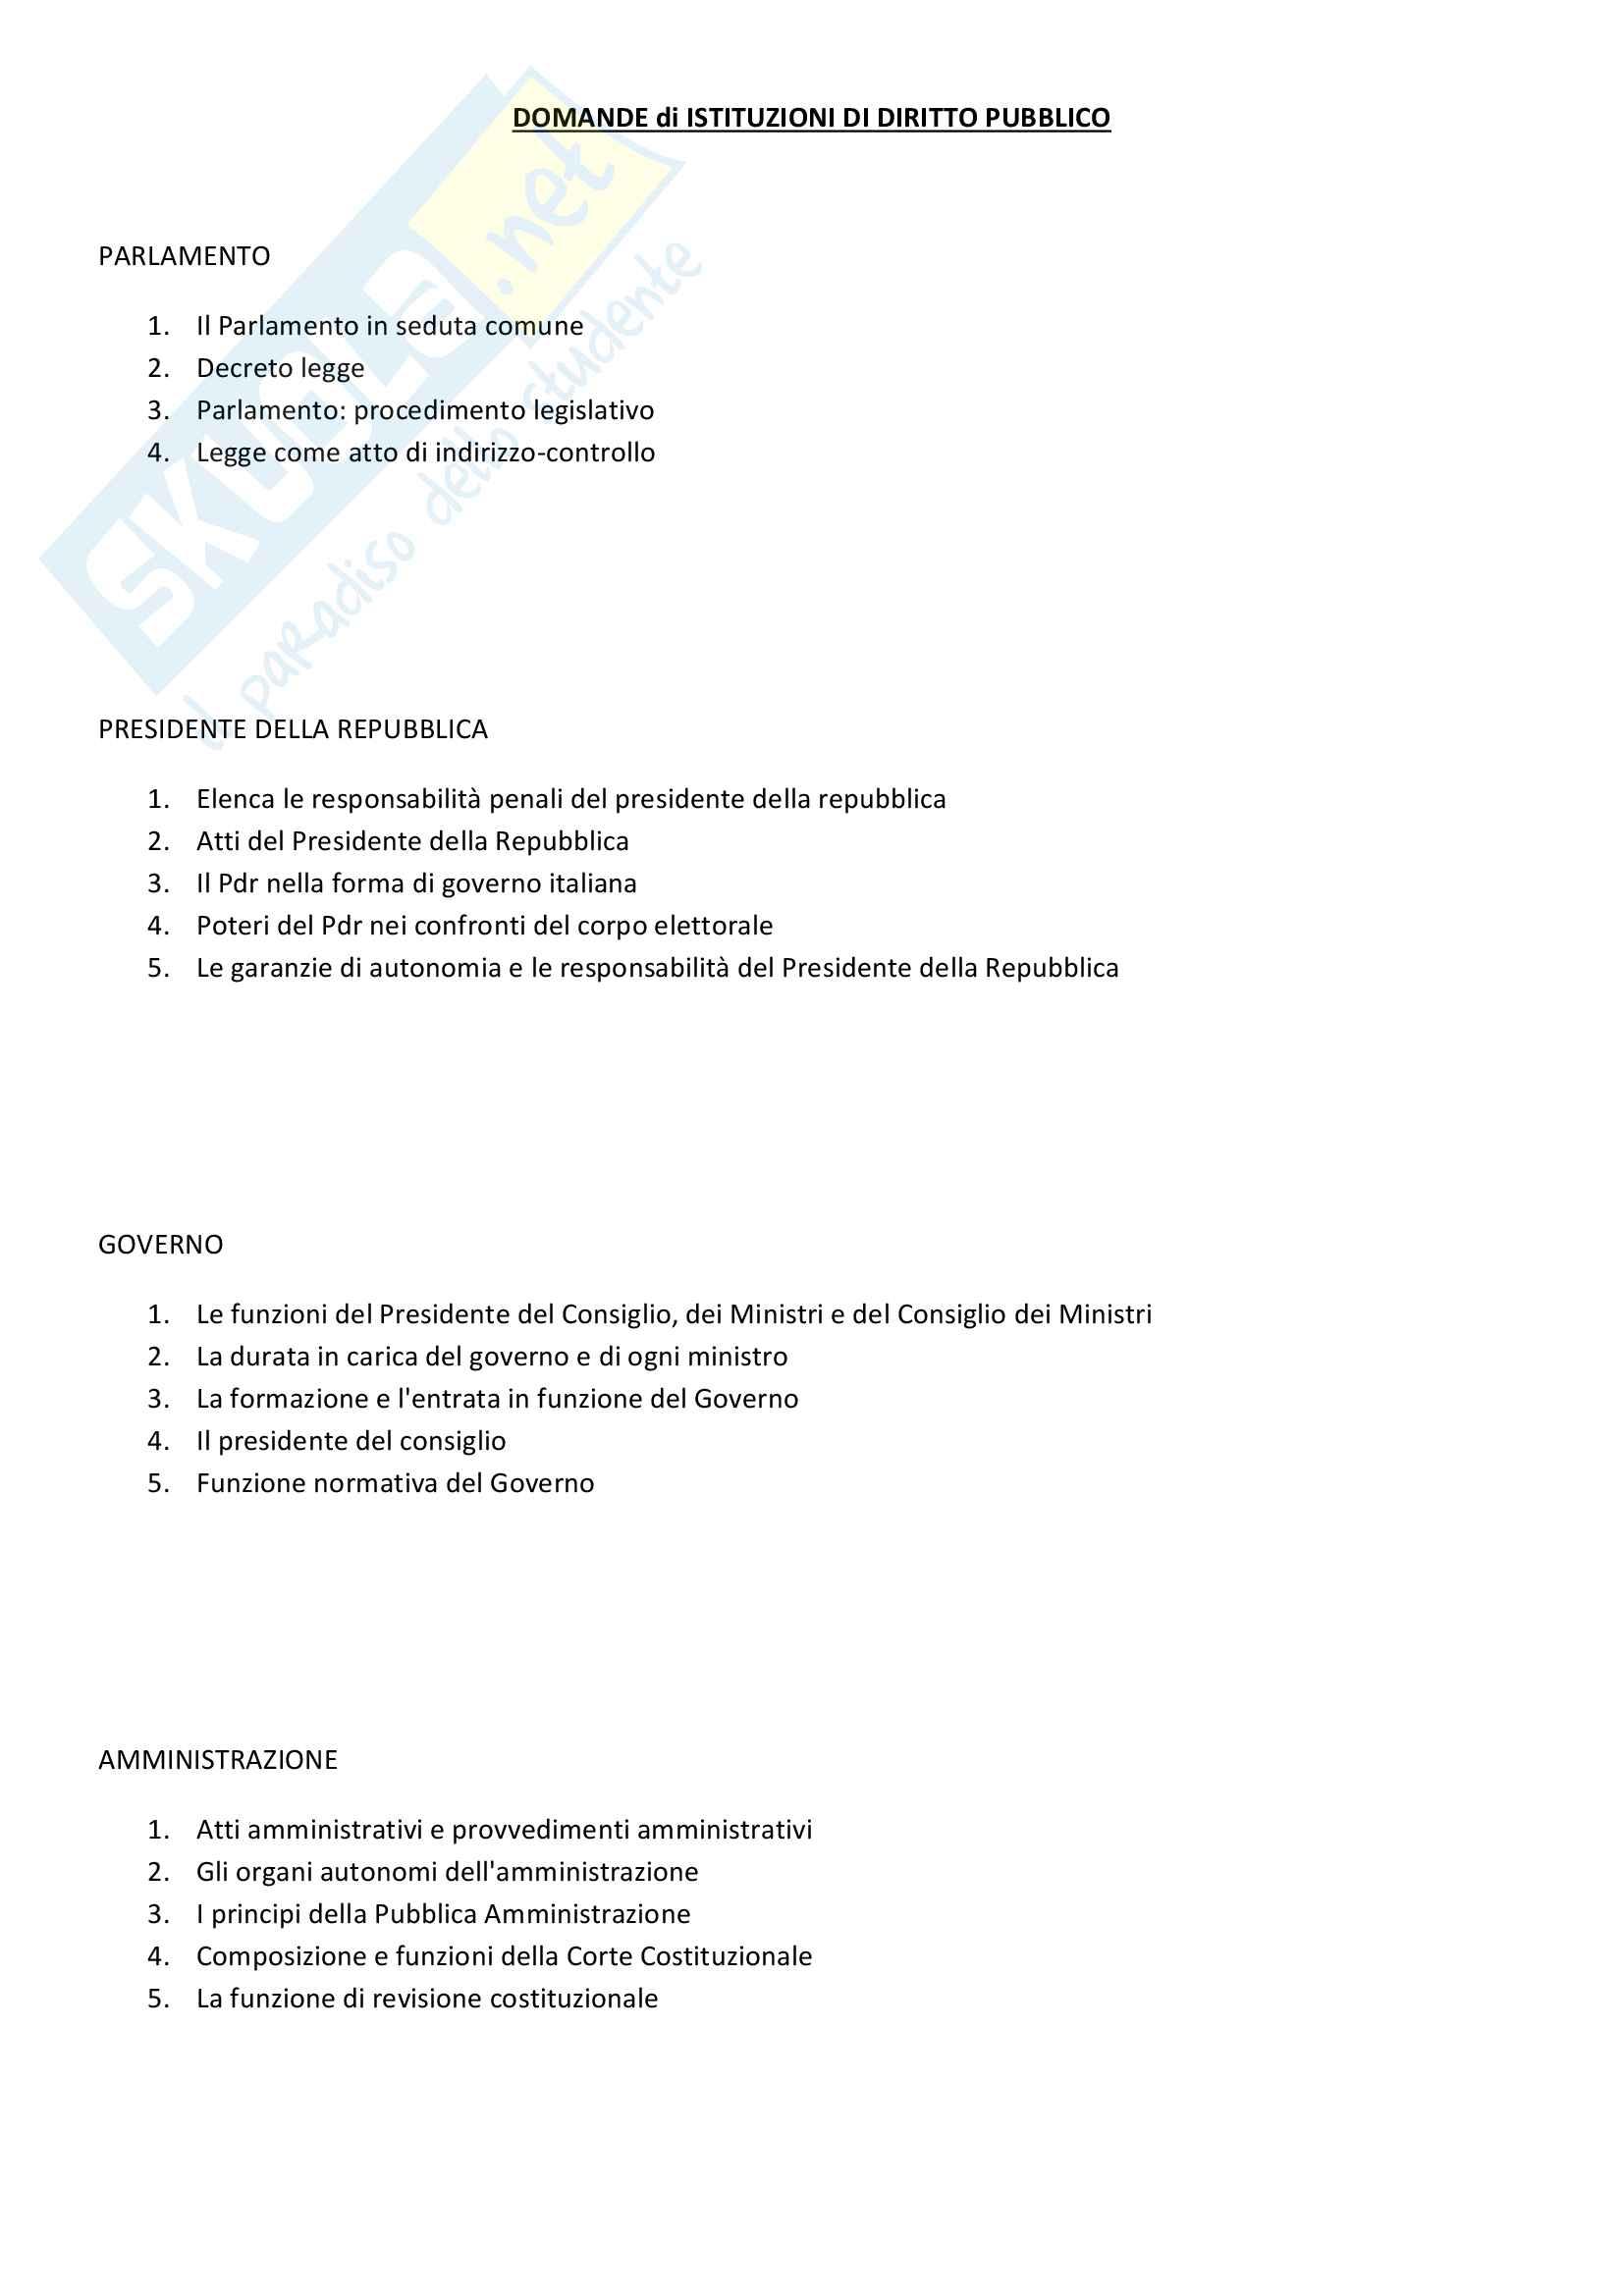 Domande Frequenti - Istituzioni di Diritto Pubblico